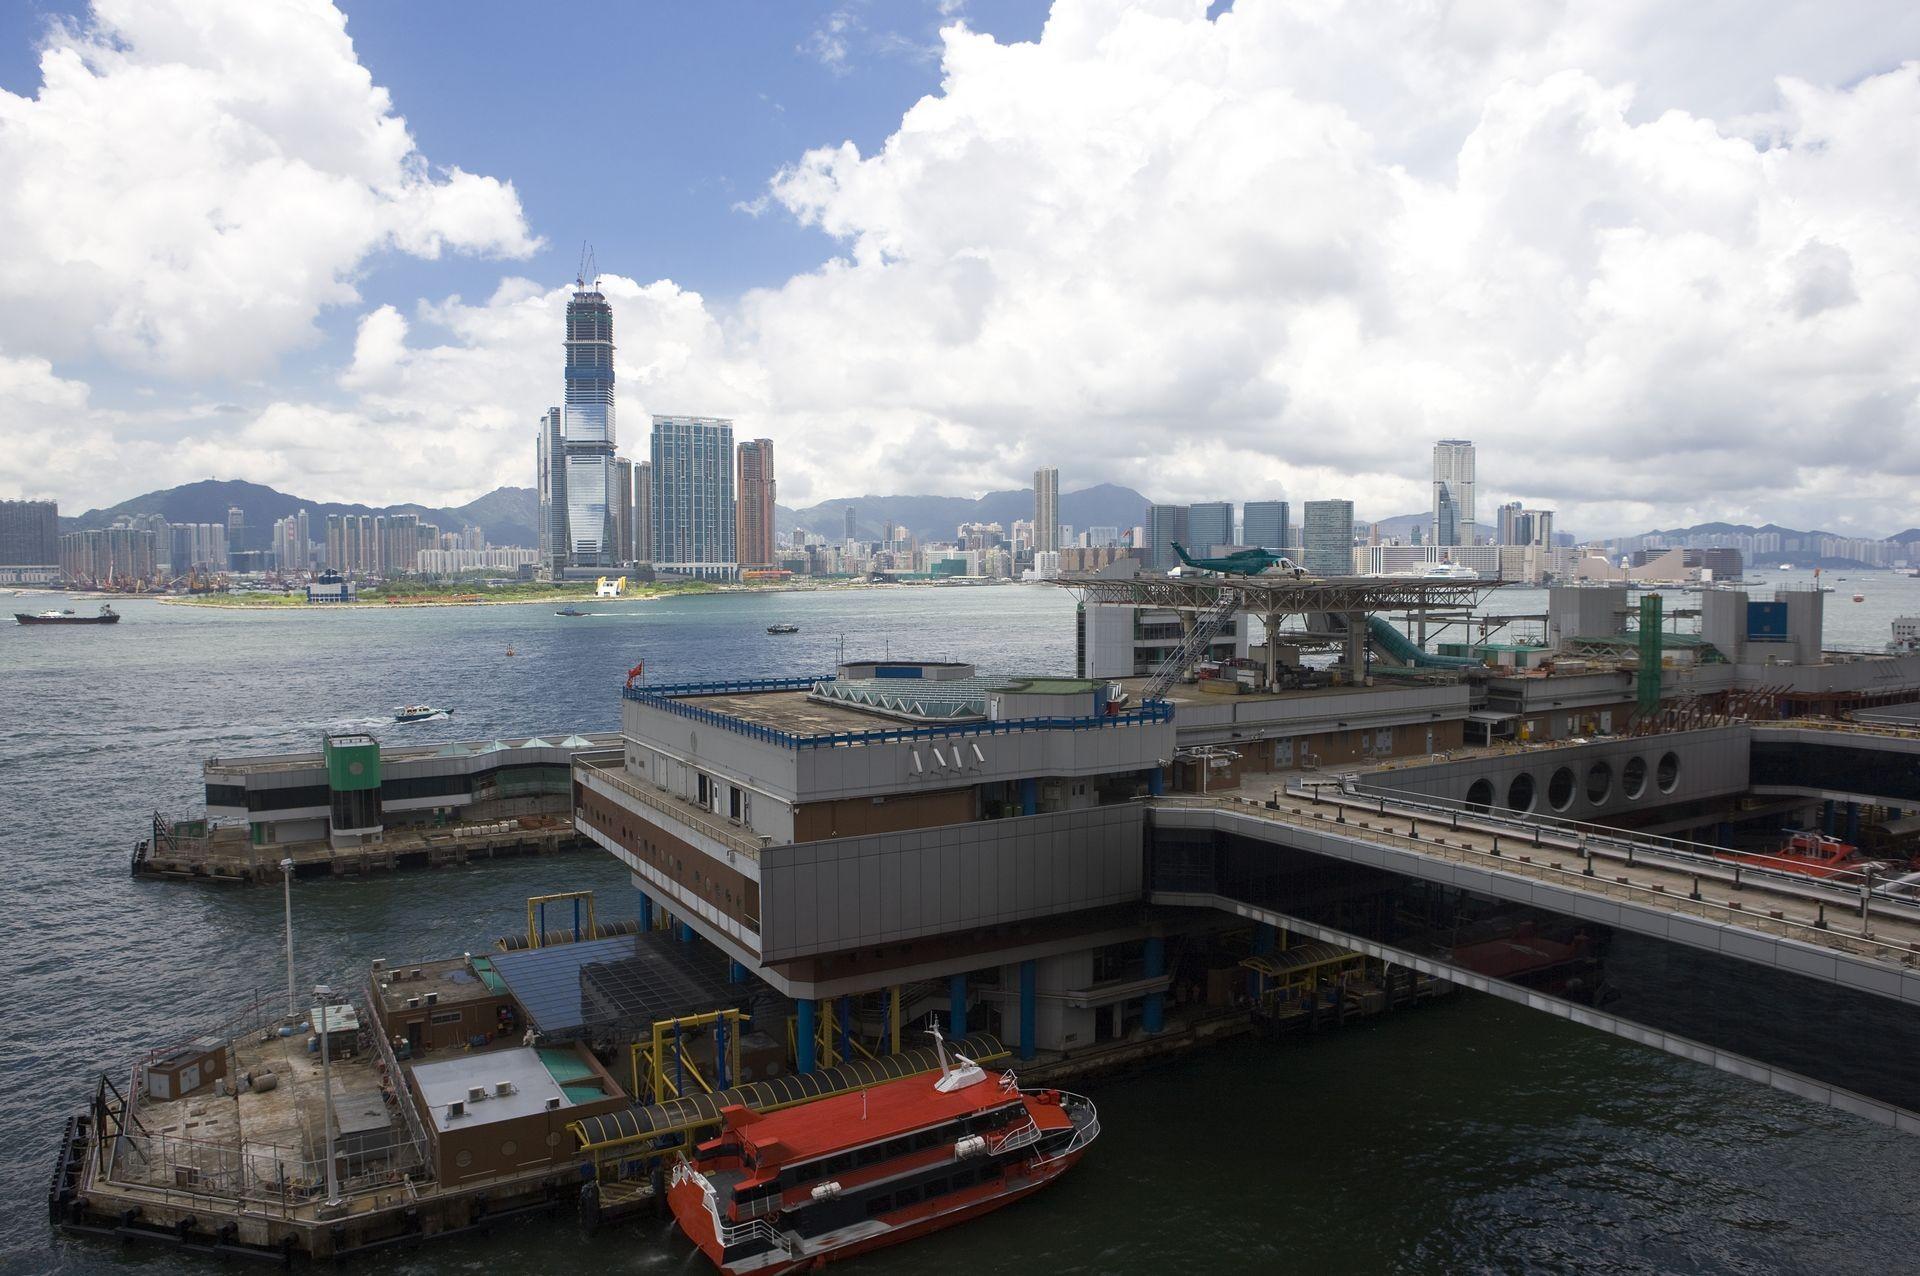 Паром с290 пассажирами ирыболовецкое судно столкнулись близ Гонконга